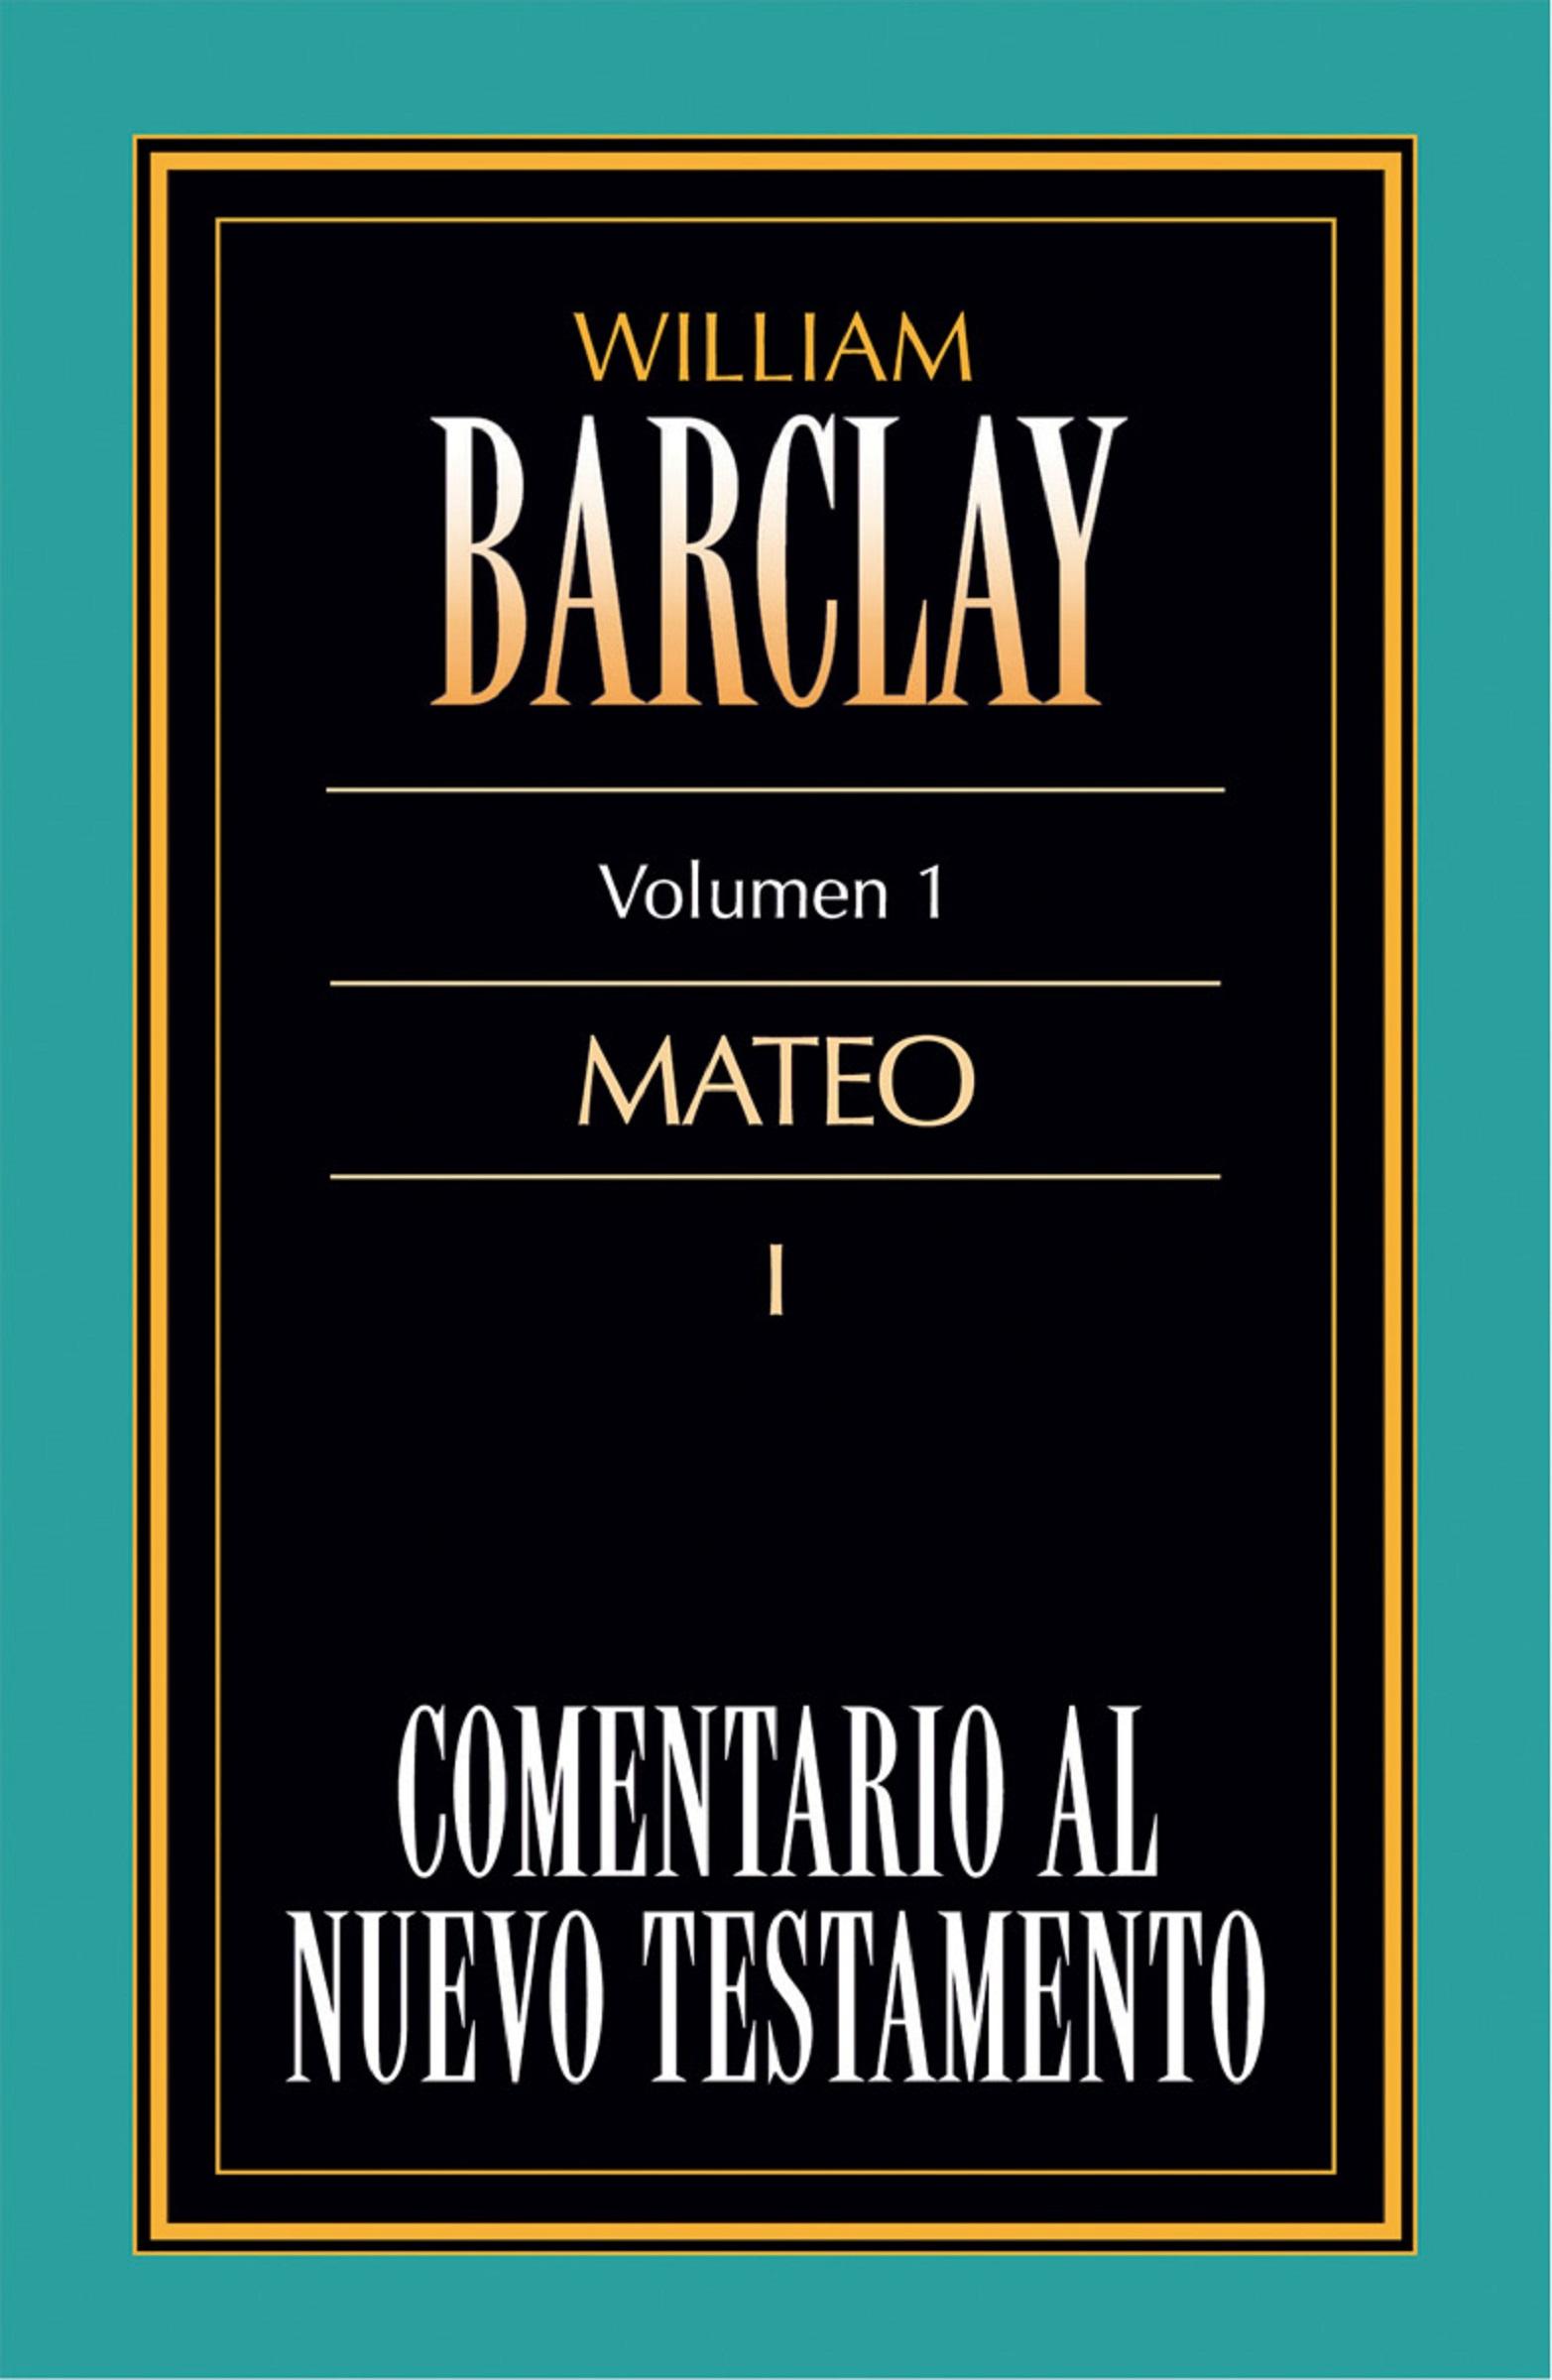 William Barclay Comentario al Nuevo Testamento Vol. 1 betty barclay блузка